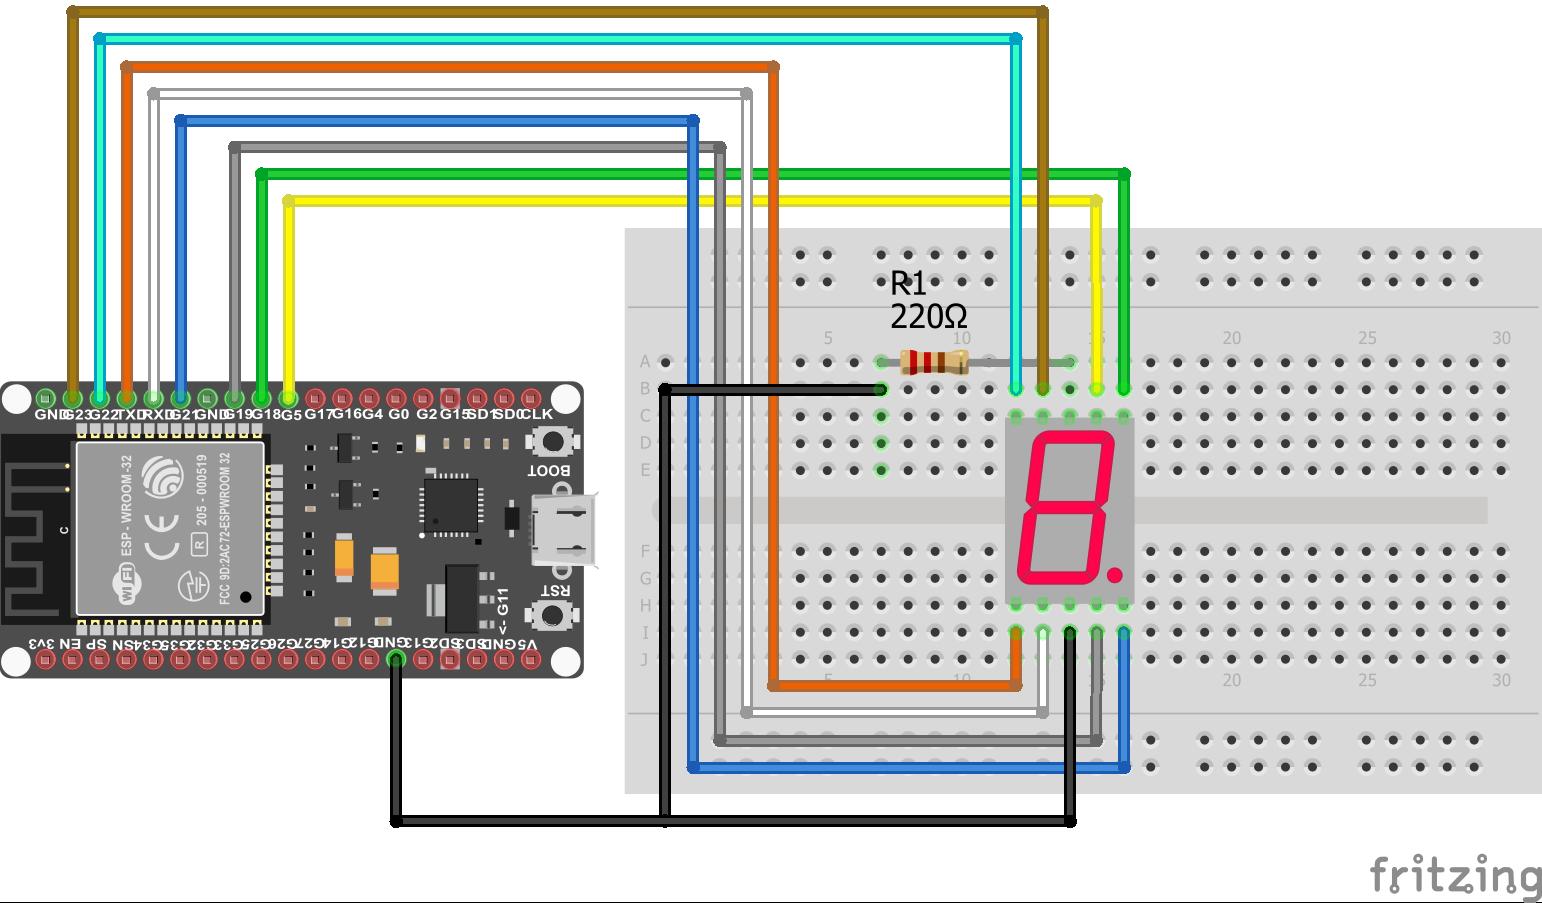 7 Segment LED Display ESP32 NodeMCU